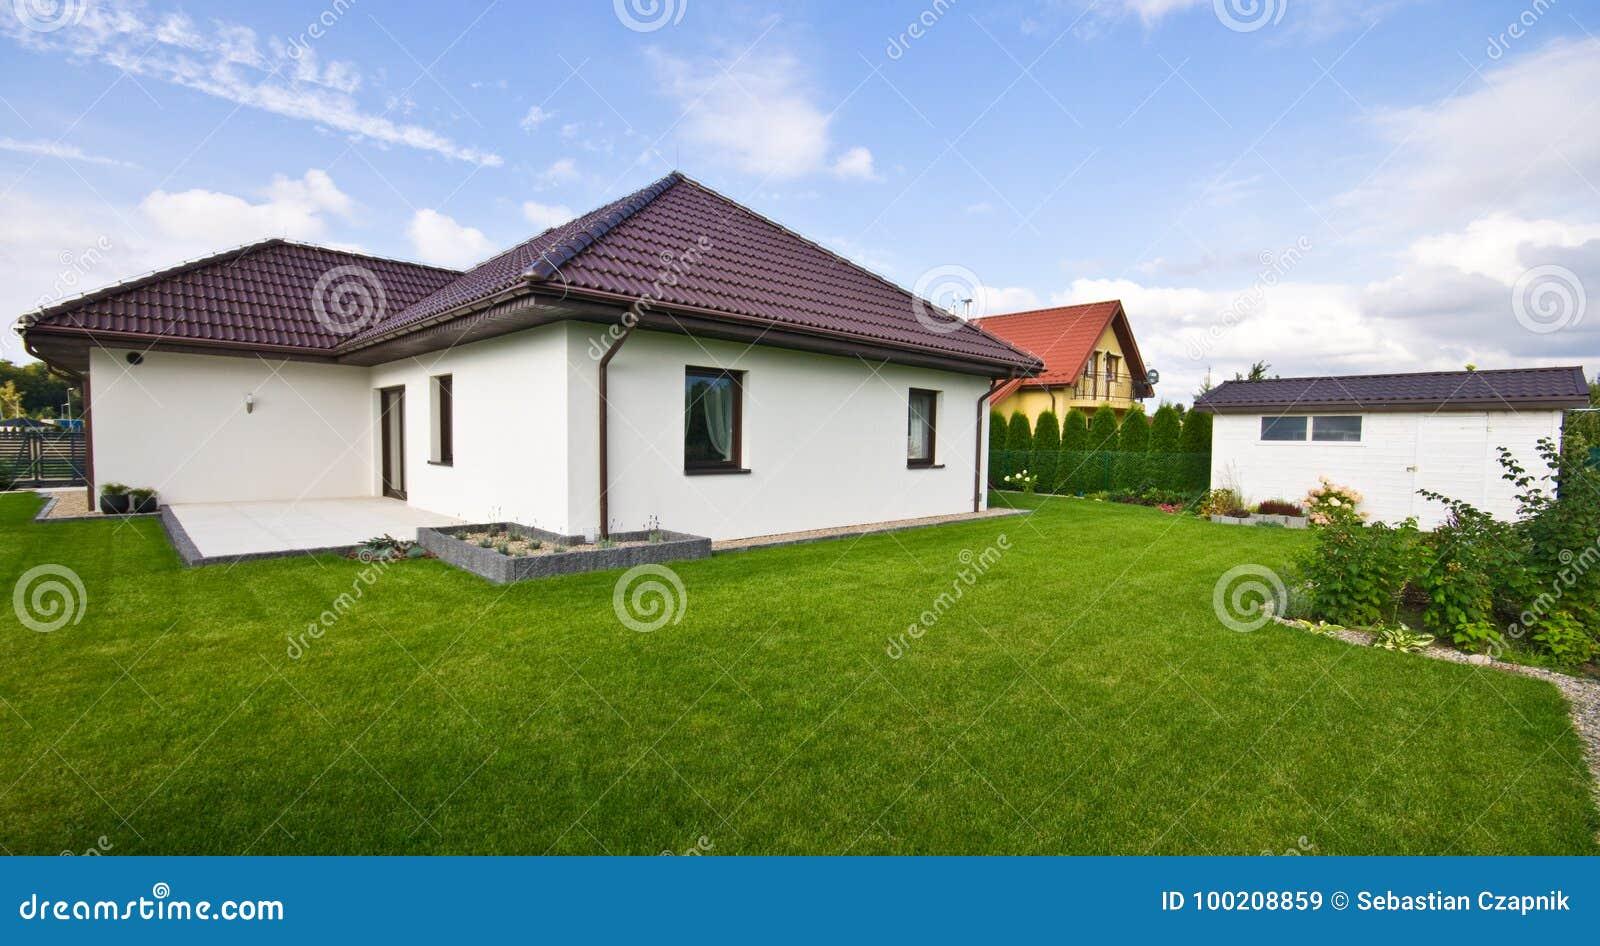 Buitenkant van een modern huis met elegante architectuur